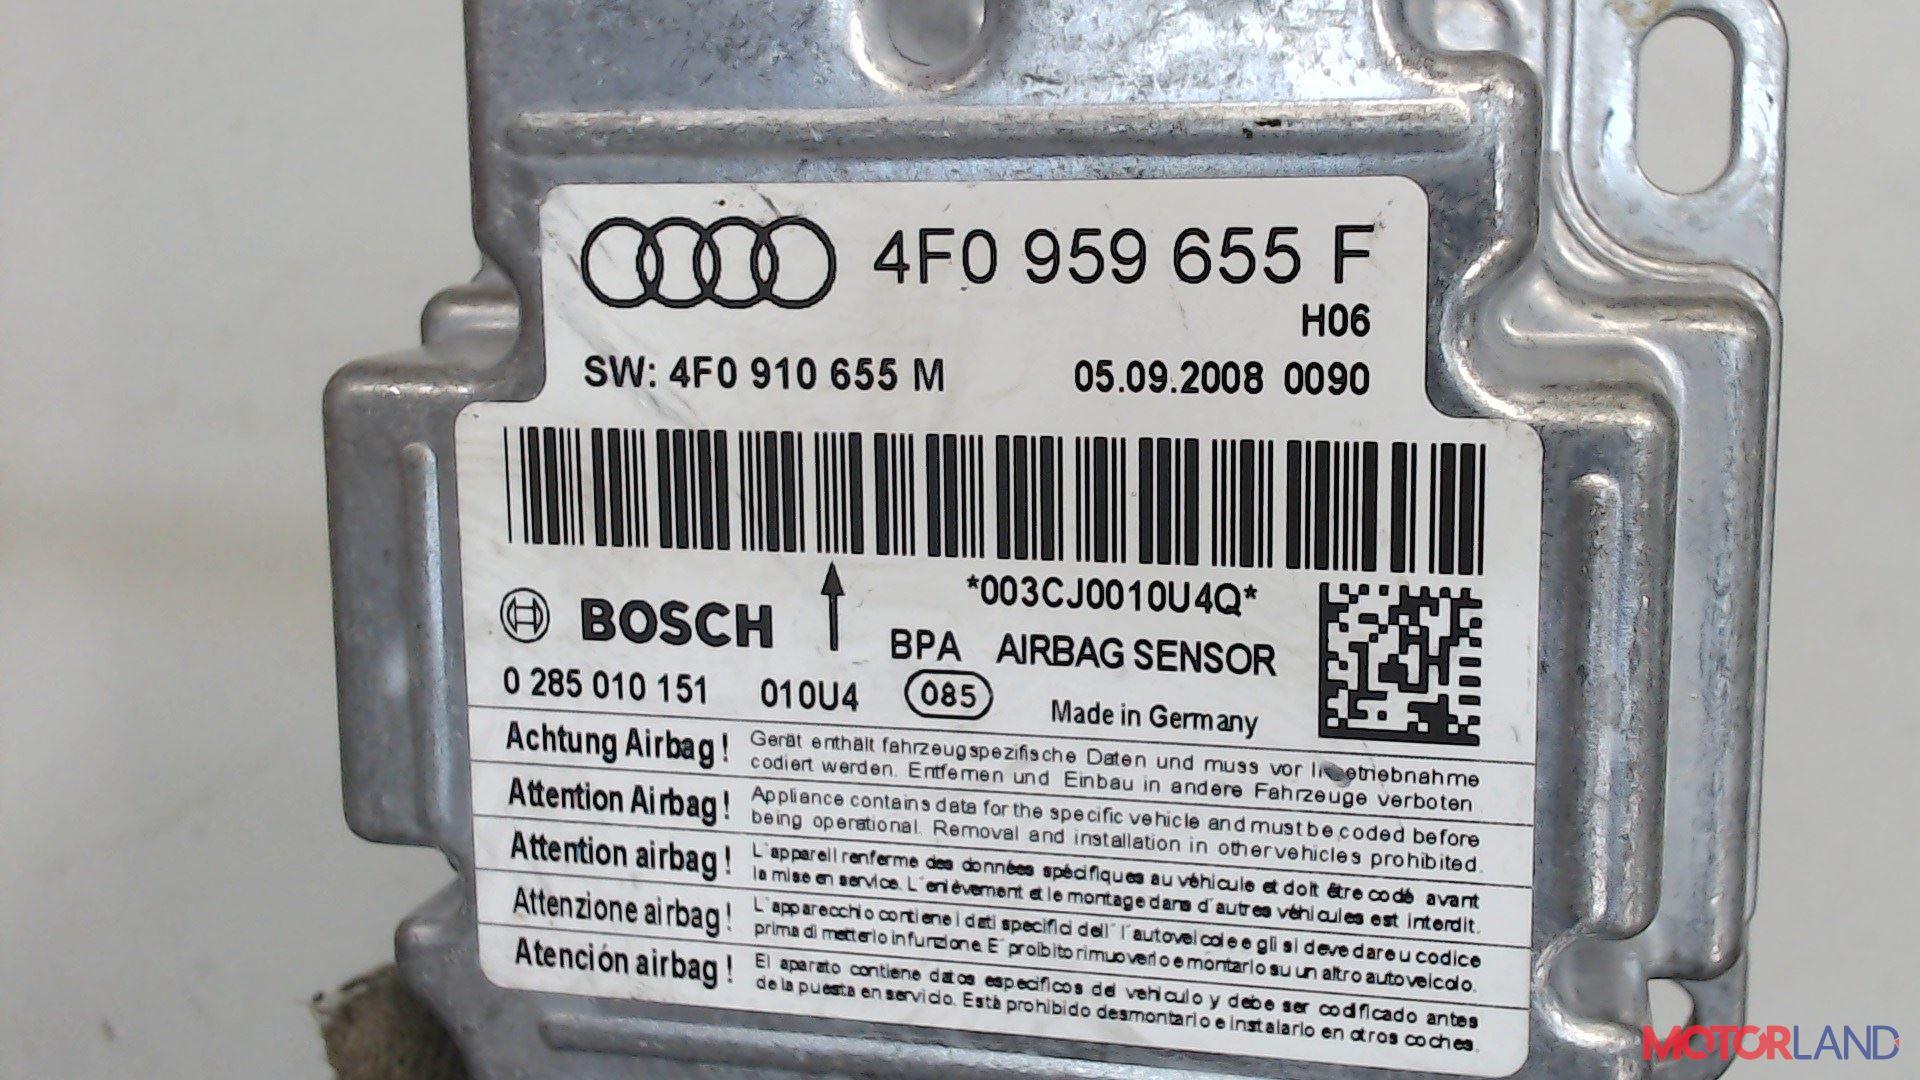 Блок управления (ЭБУ) Audi A6 (C6) 2005-2011 3 л. 2011 CCAA б/у #2